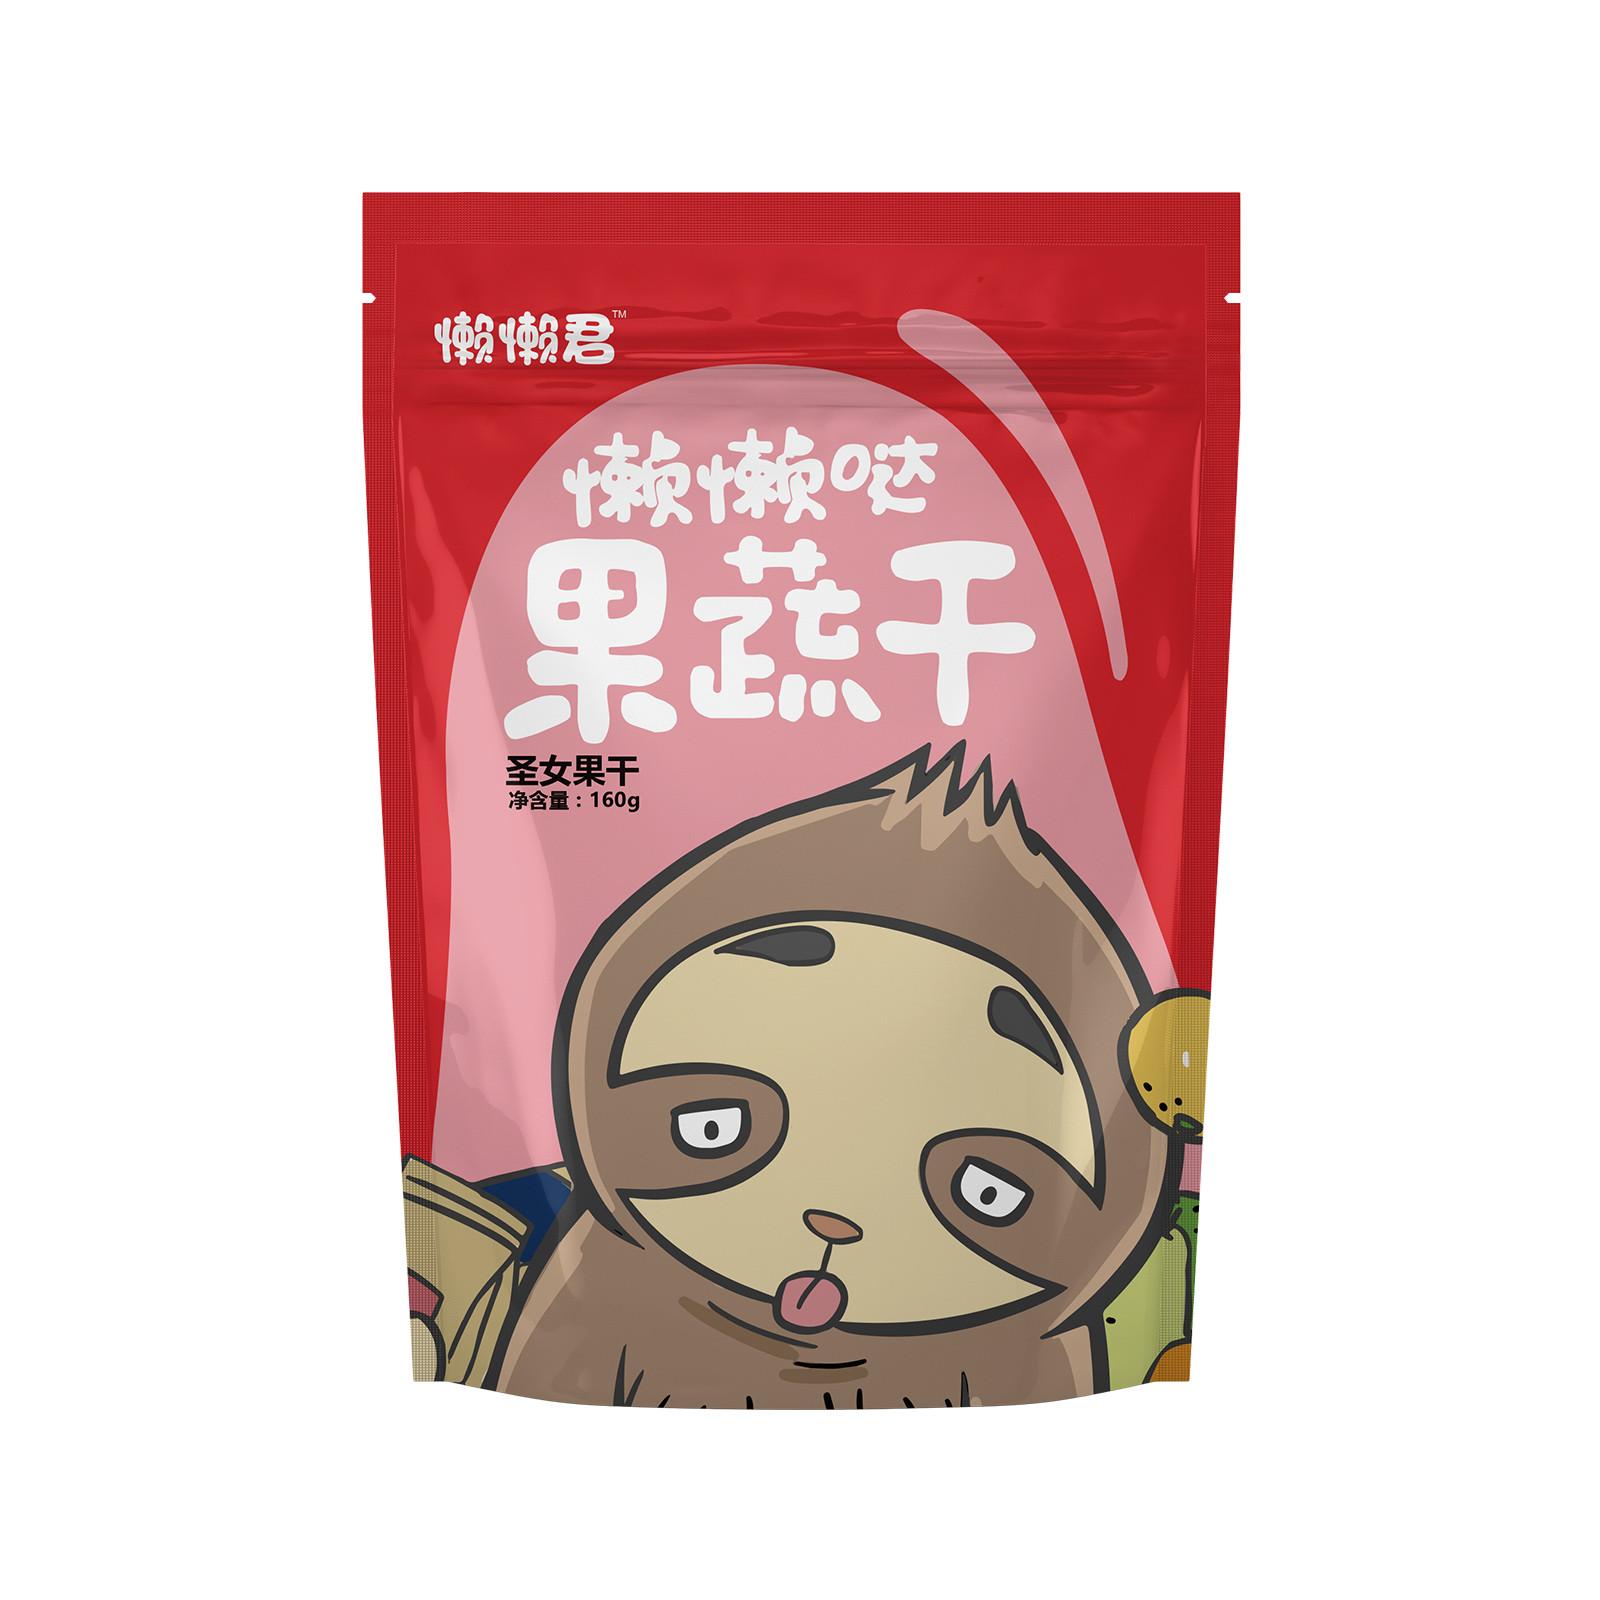 特产圣女果干 冻干火龙果儿童孕妇安康零食小吃 广西懒君食品无限公司